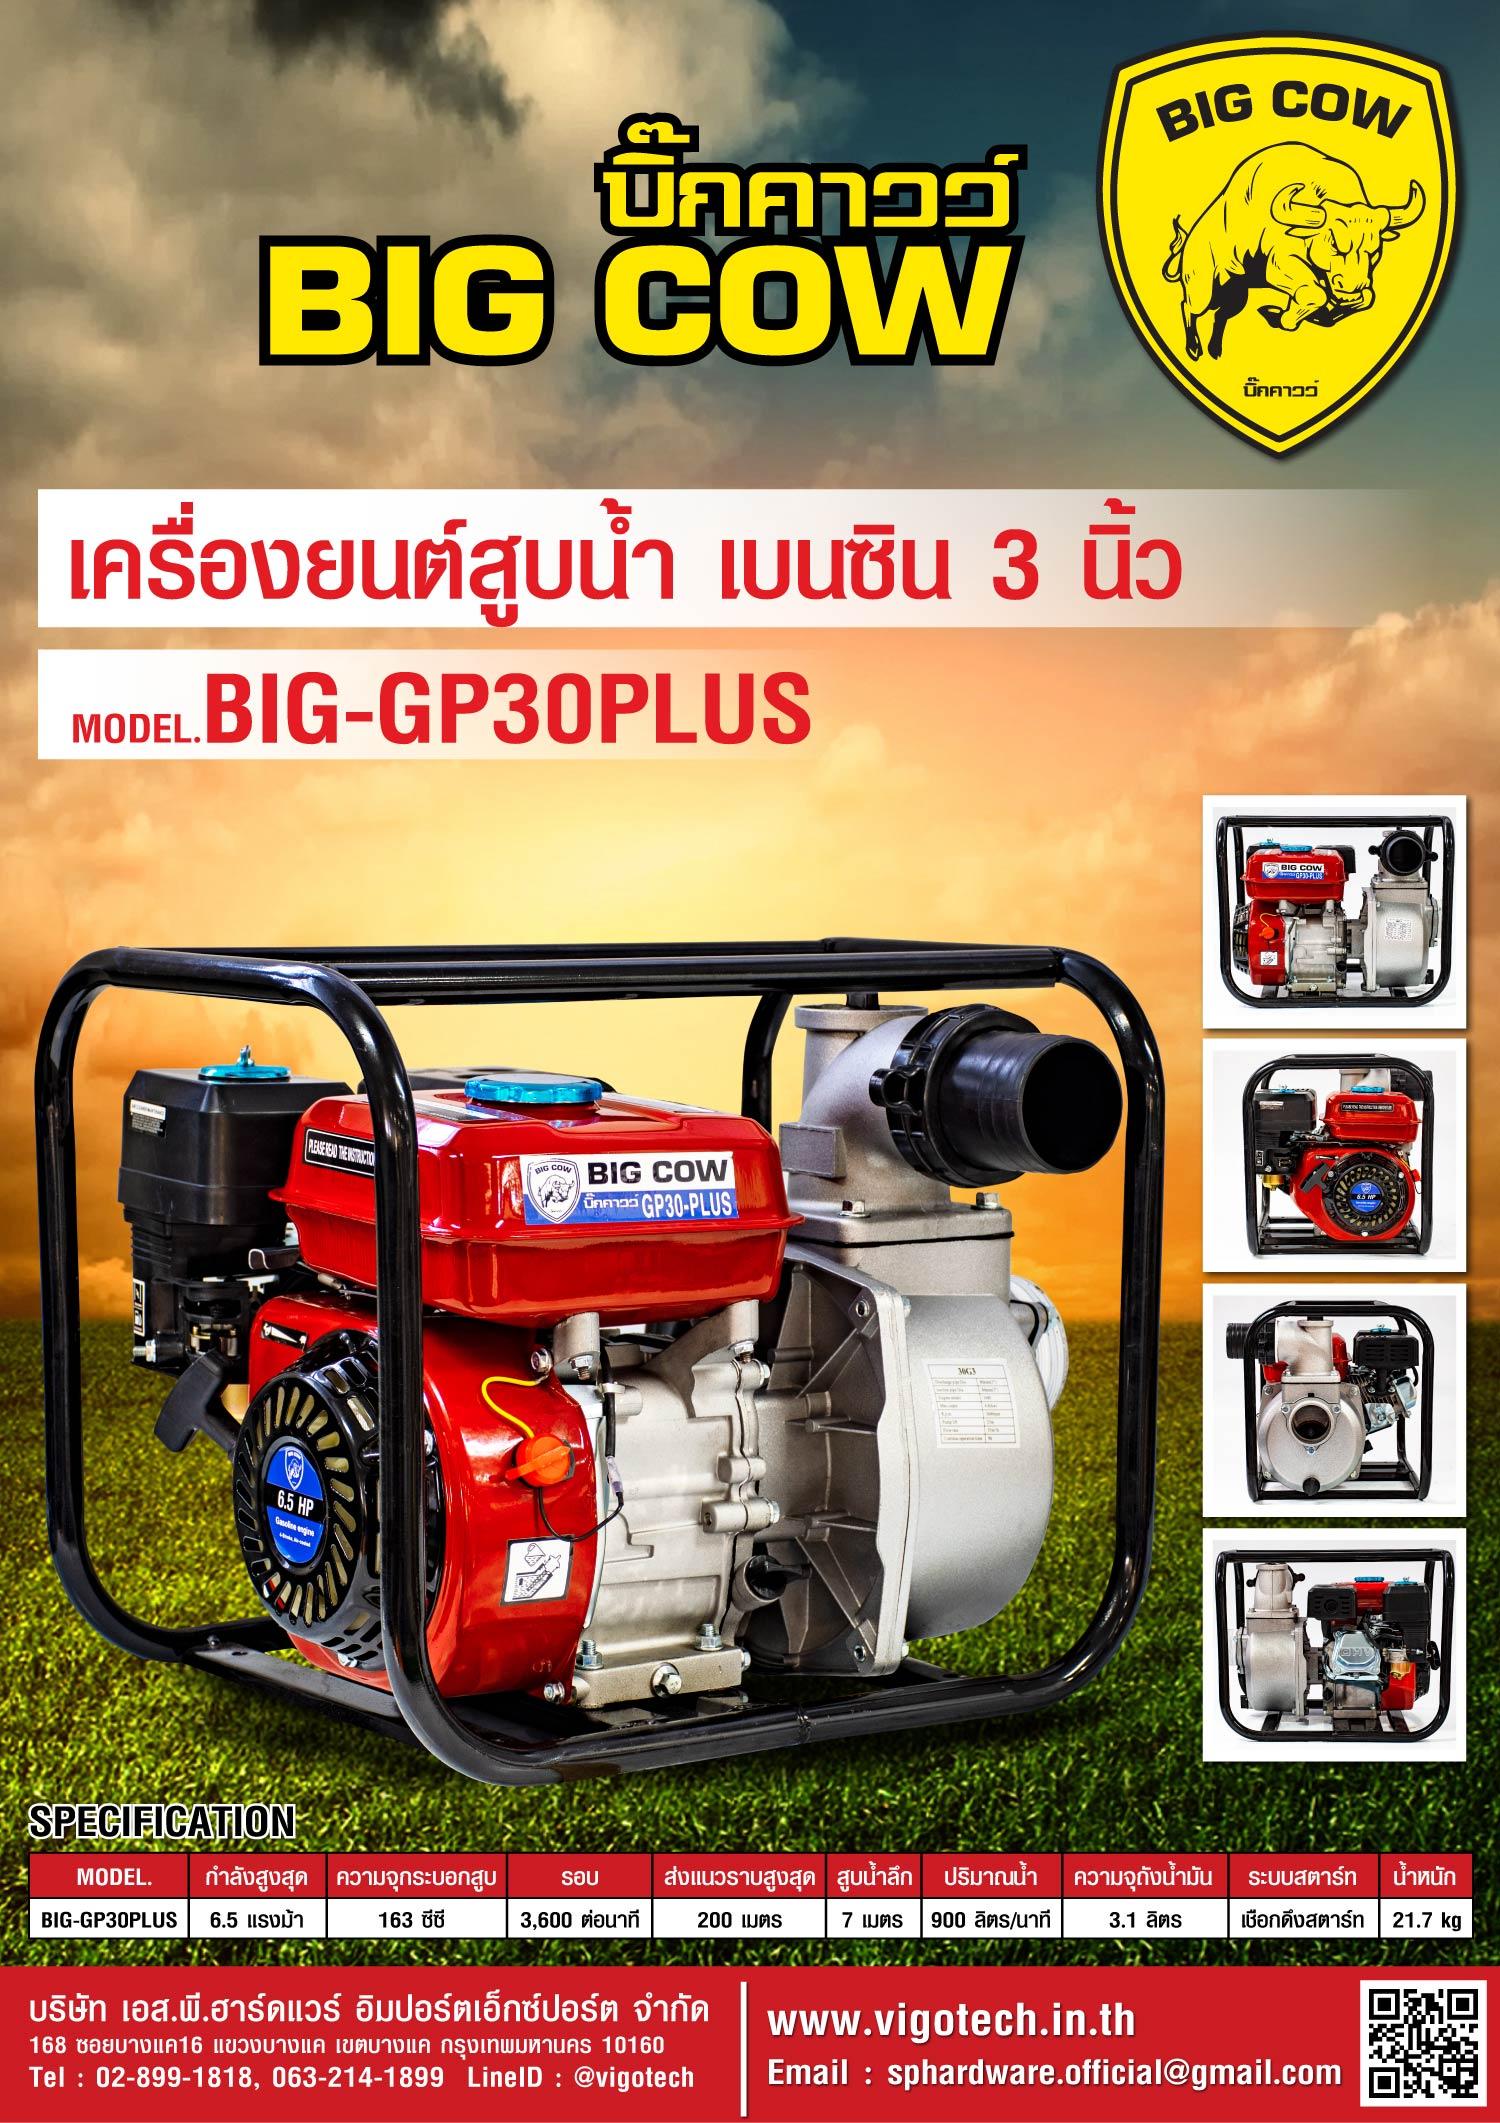 BIGCOW เครื่องยนต์สูบน้ำ